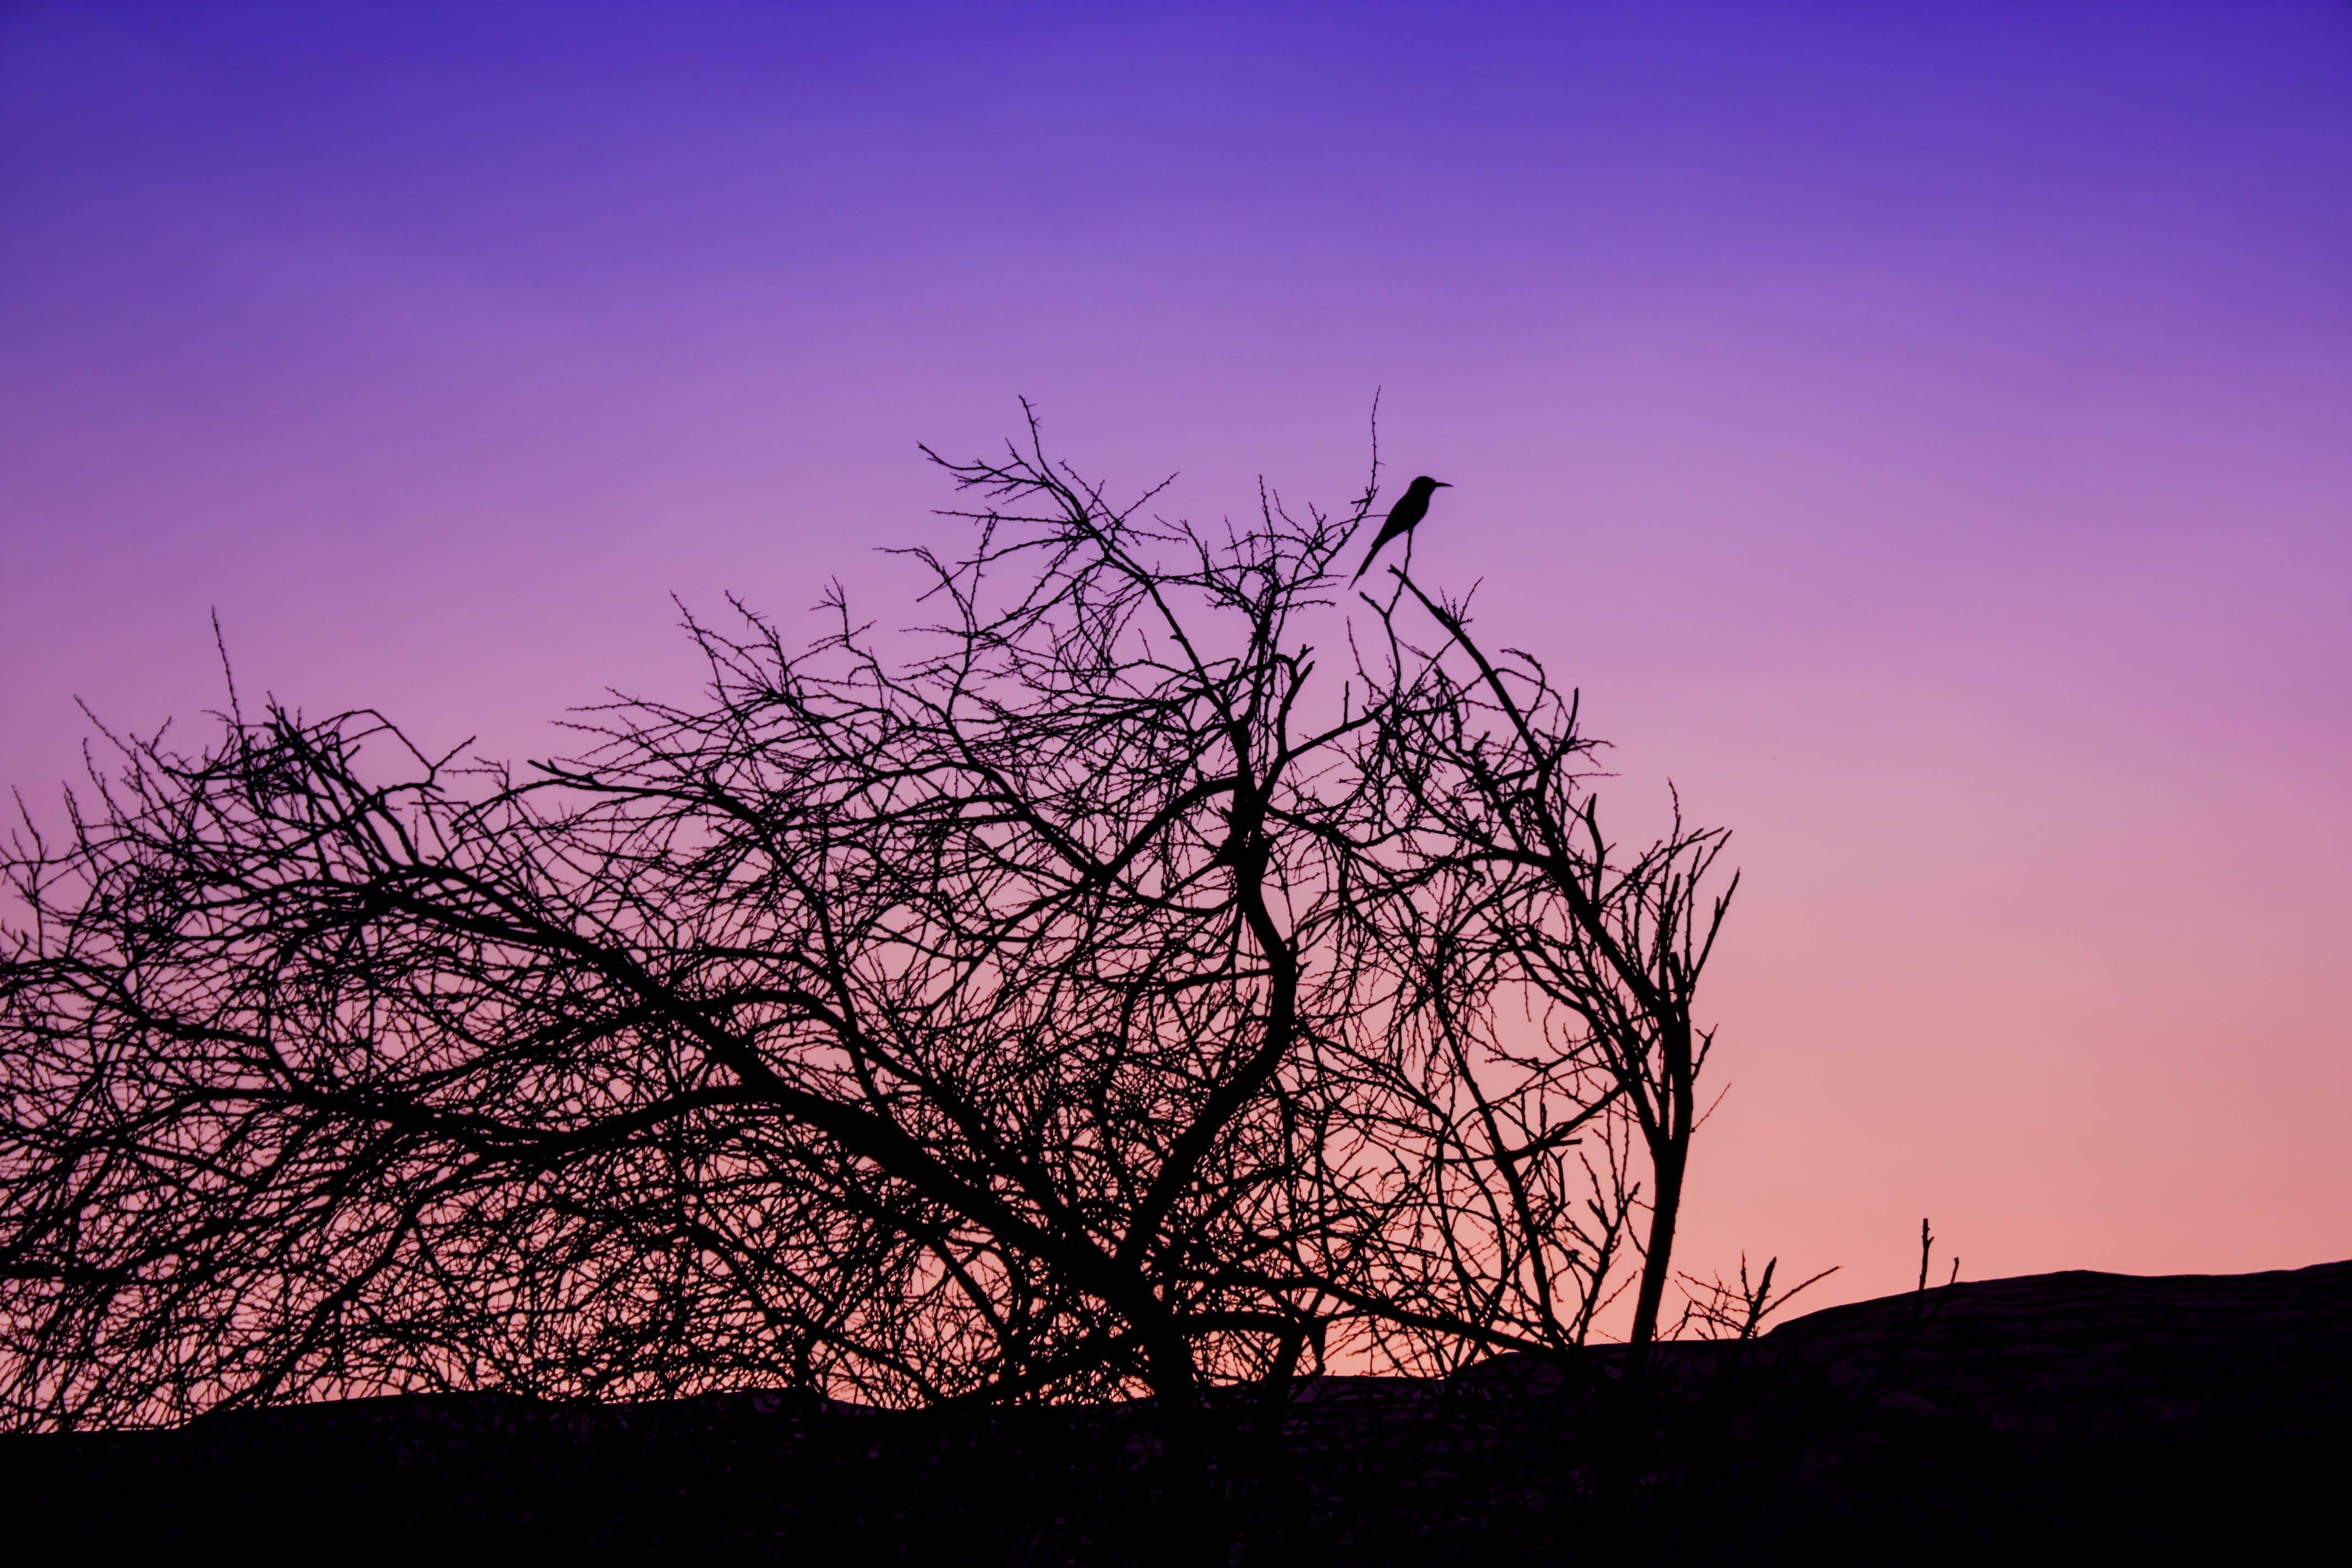 Free stock photo of bird, night, purple, sky